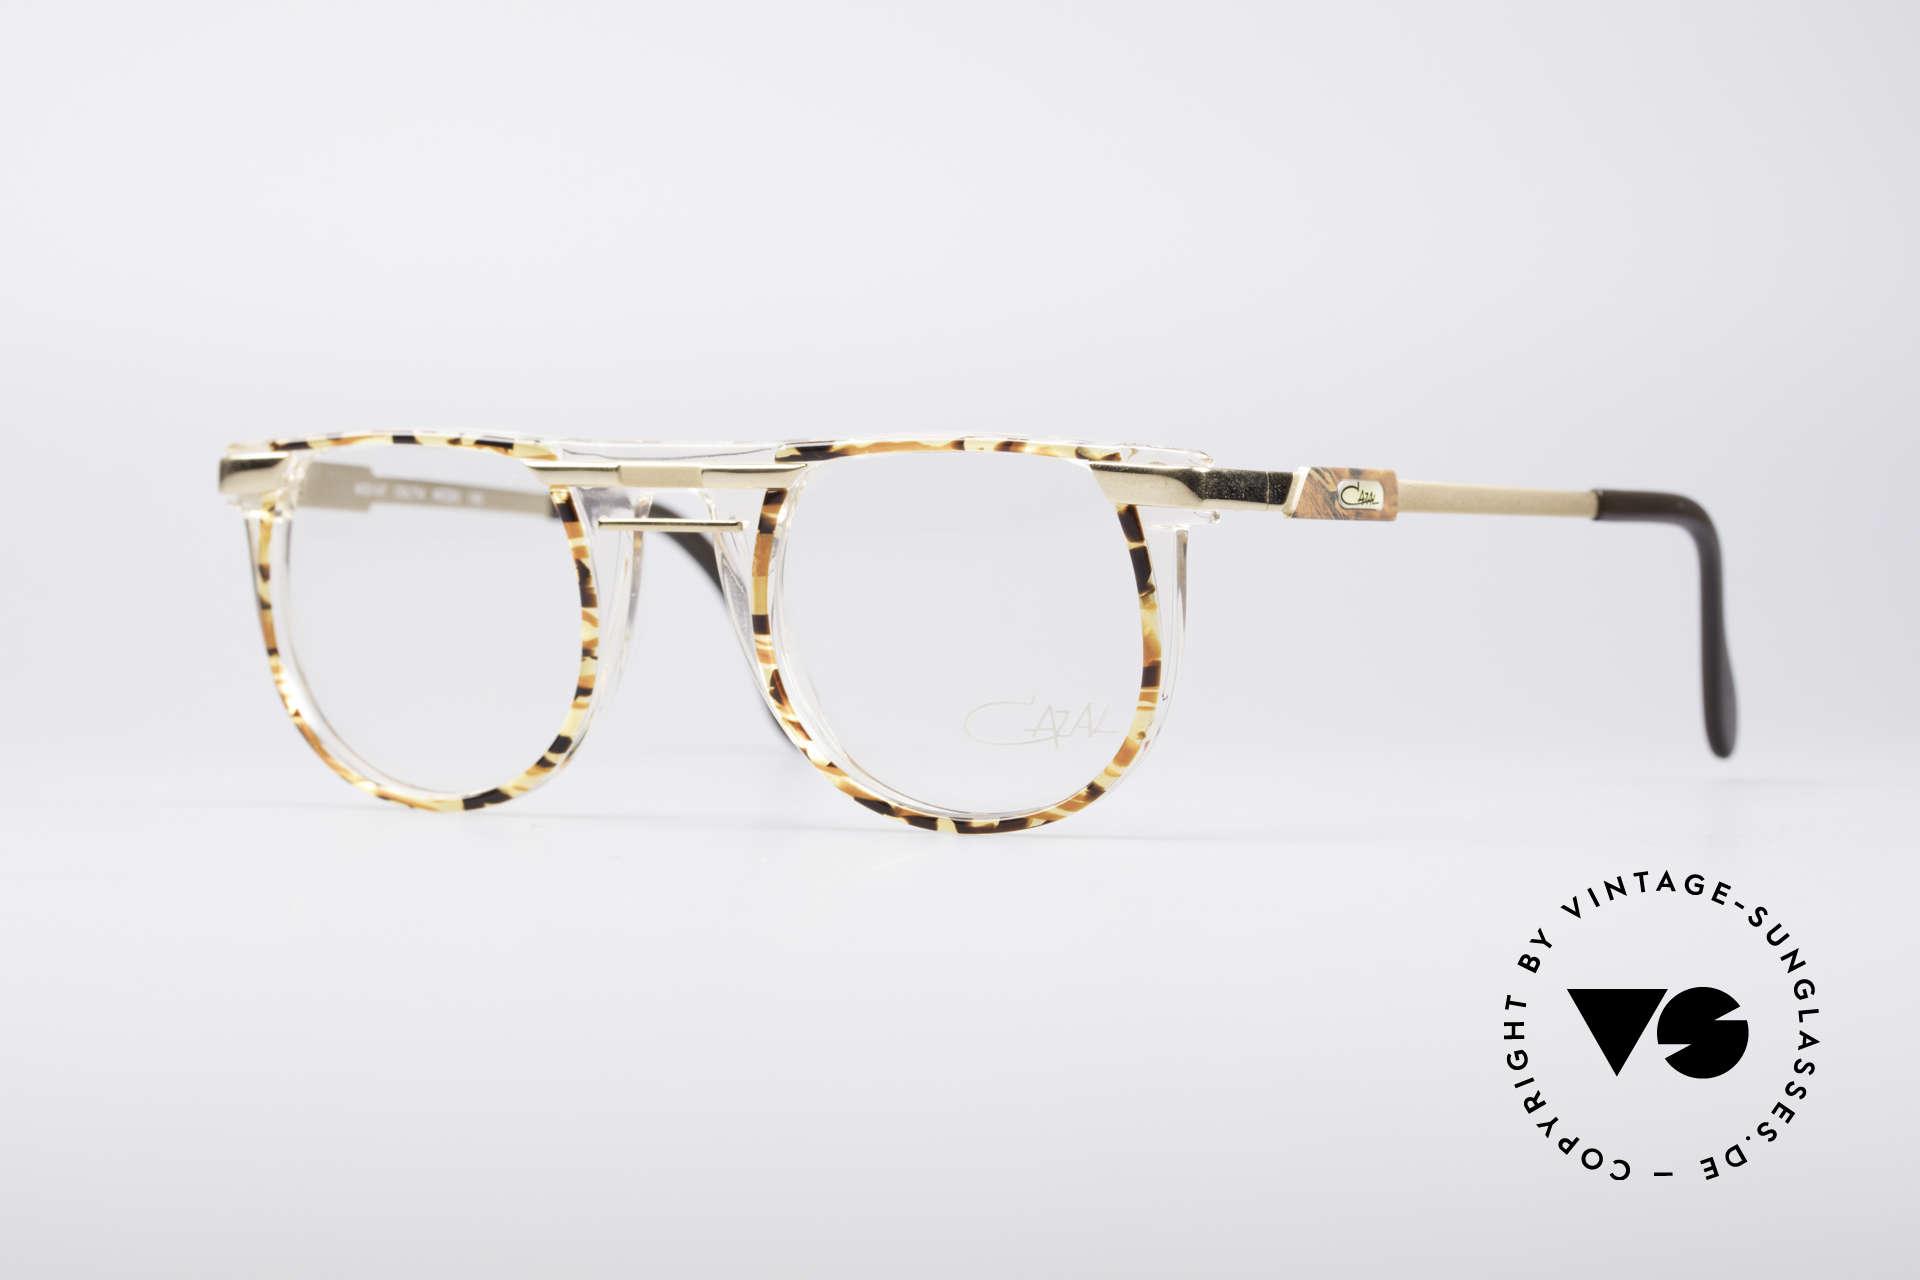 Cazal 647 90's Vintage Designer Specs, roundish 90's designer eyeglass-frame by CAZAL, Made for Men and Women